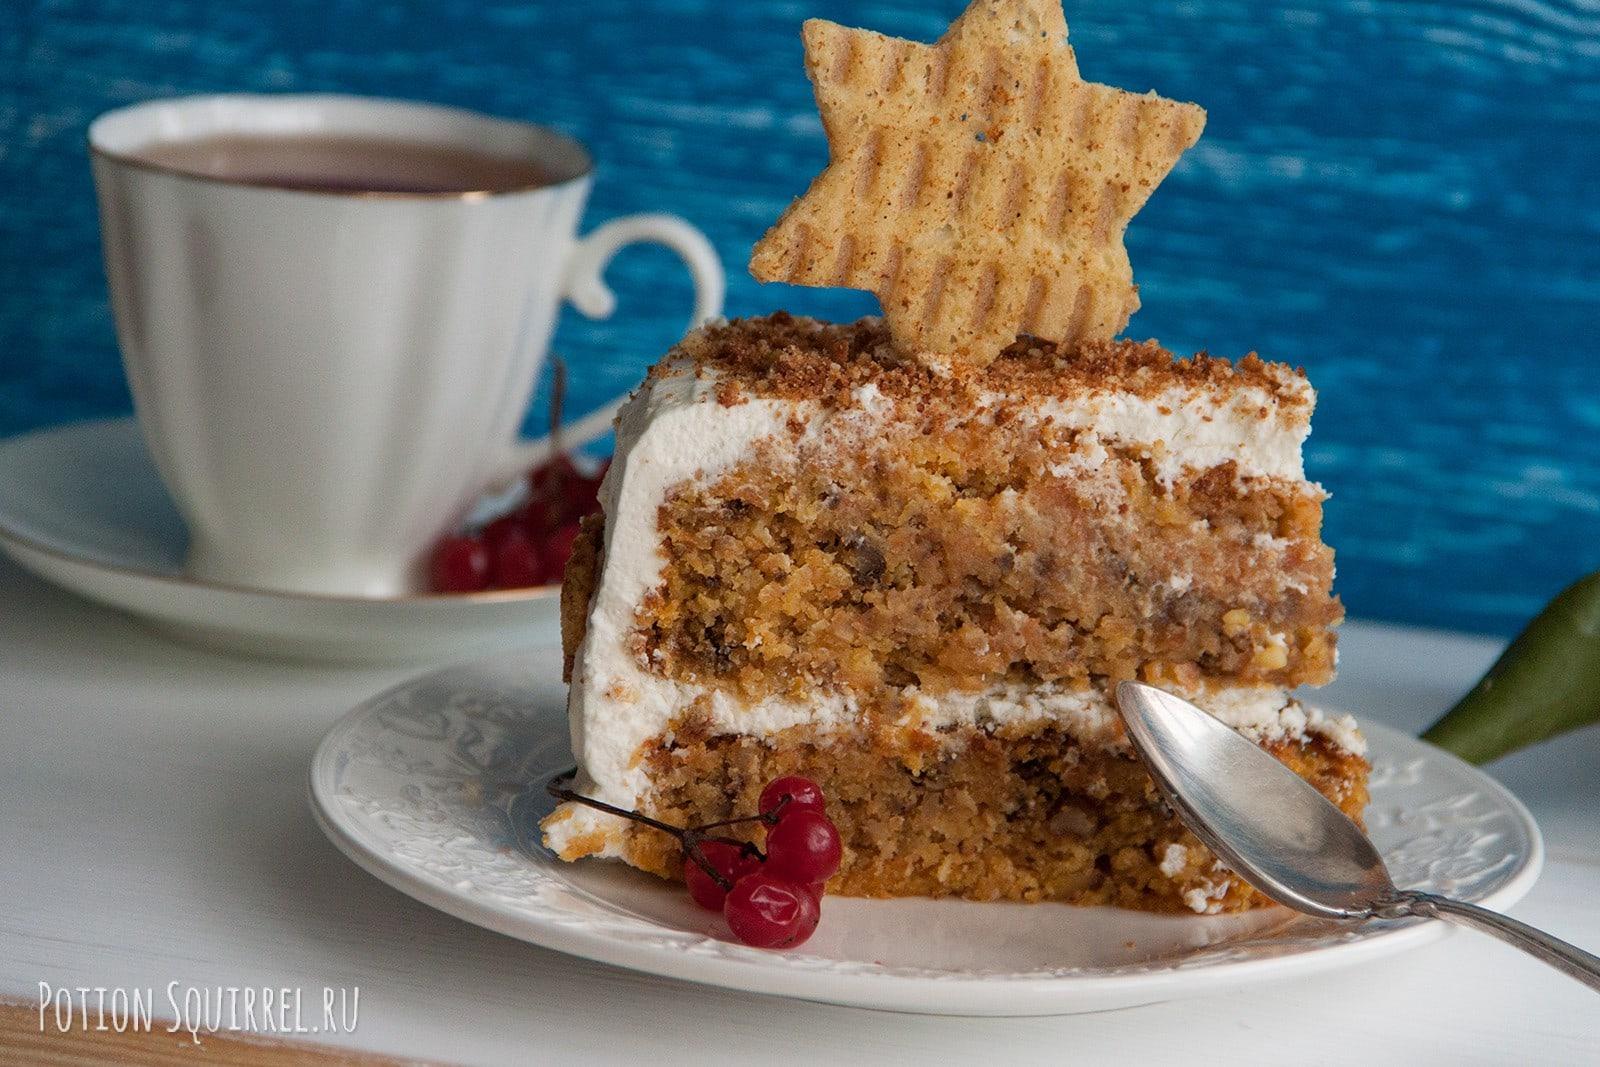 Морковный торт к чаю. Пошаговый рецепт с фото от potionsquirrel.ru